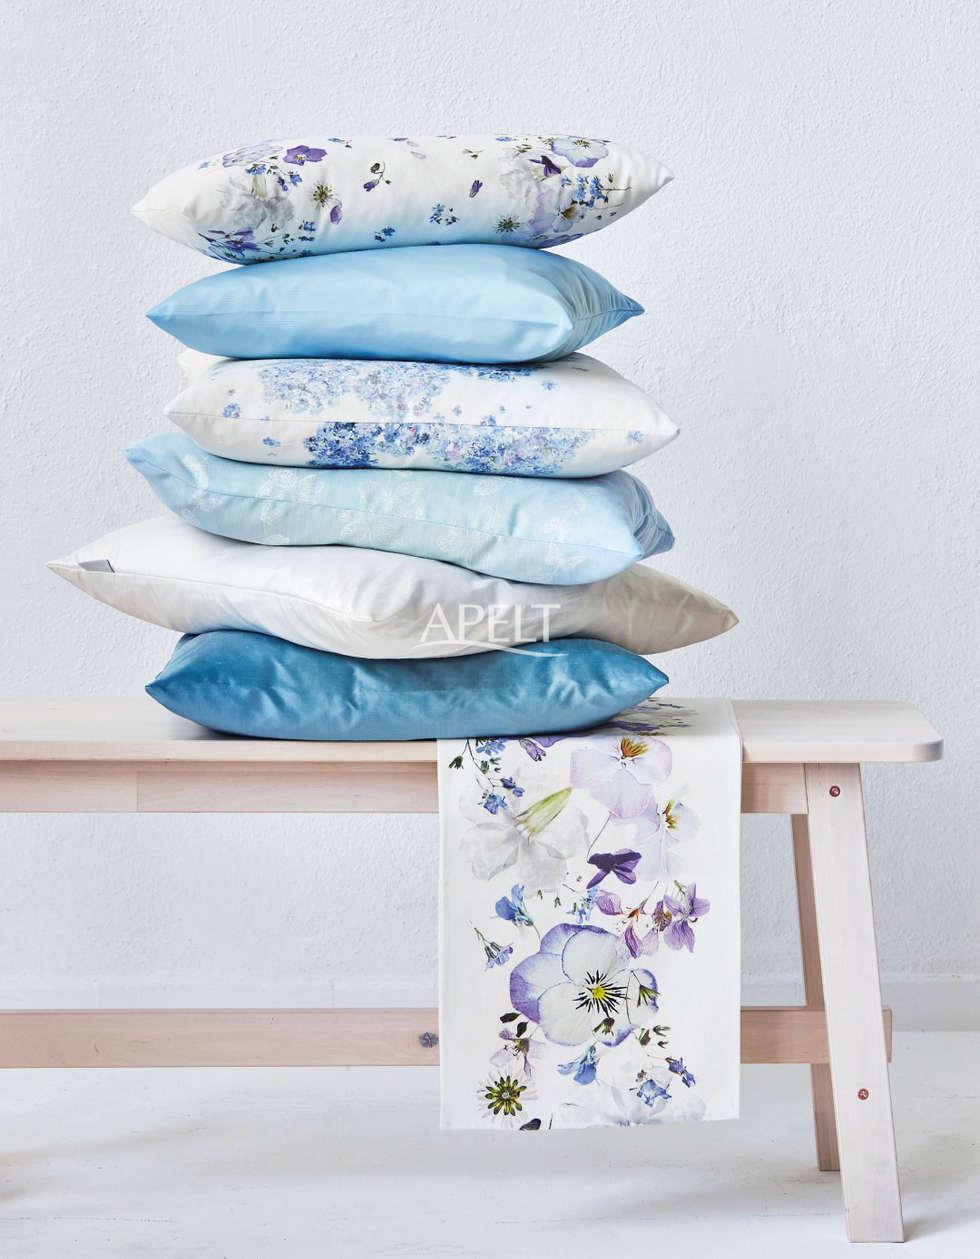 Tischband Mit Zarten Blten Und Kissen In Blautnen Moderne Wohnzimmer Von APELT STOFFE